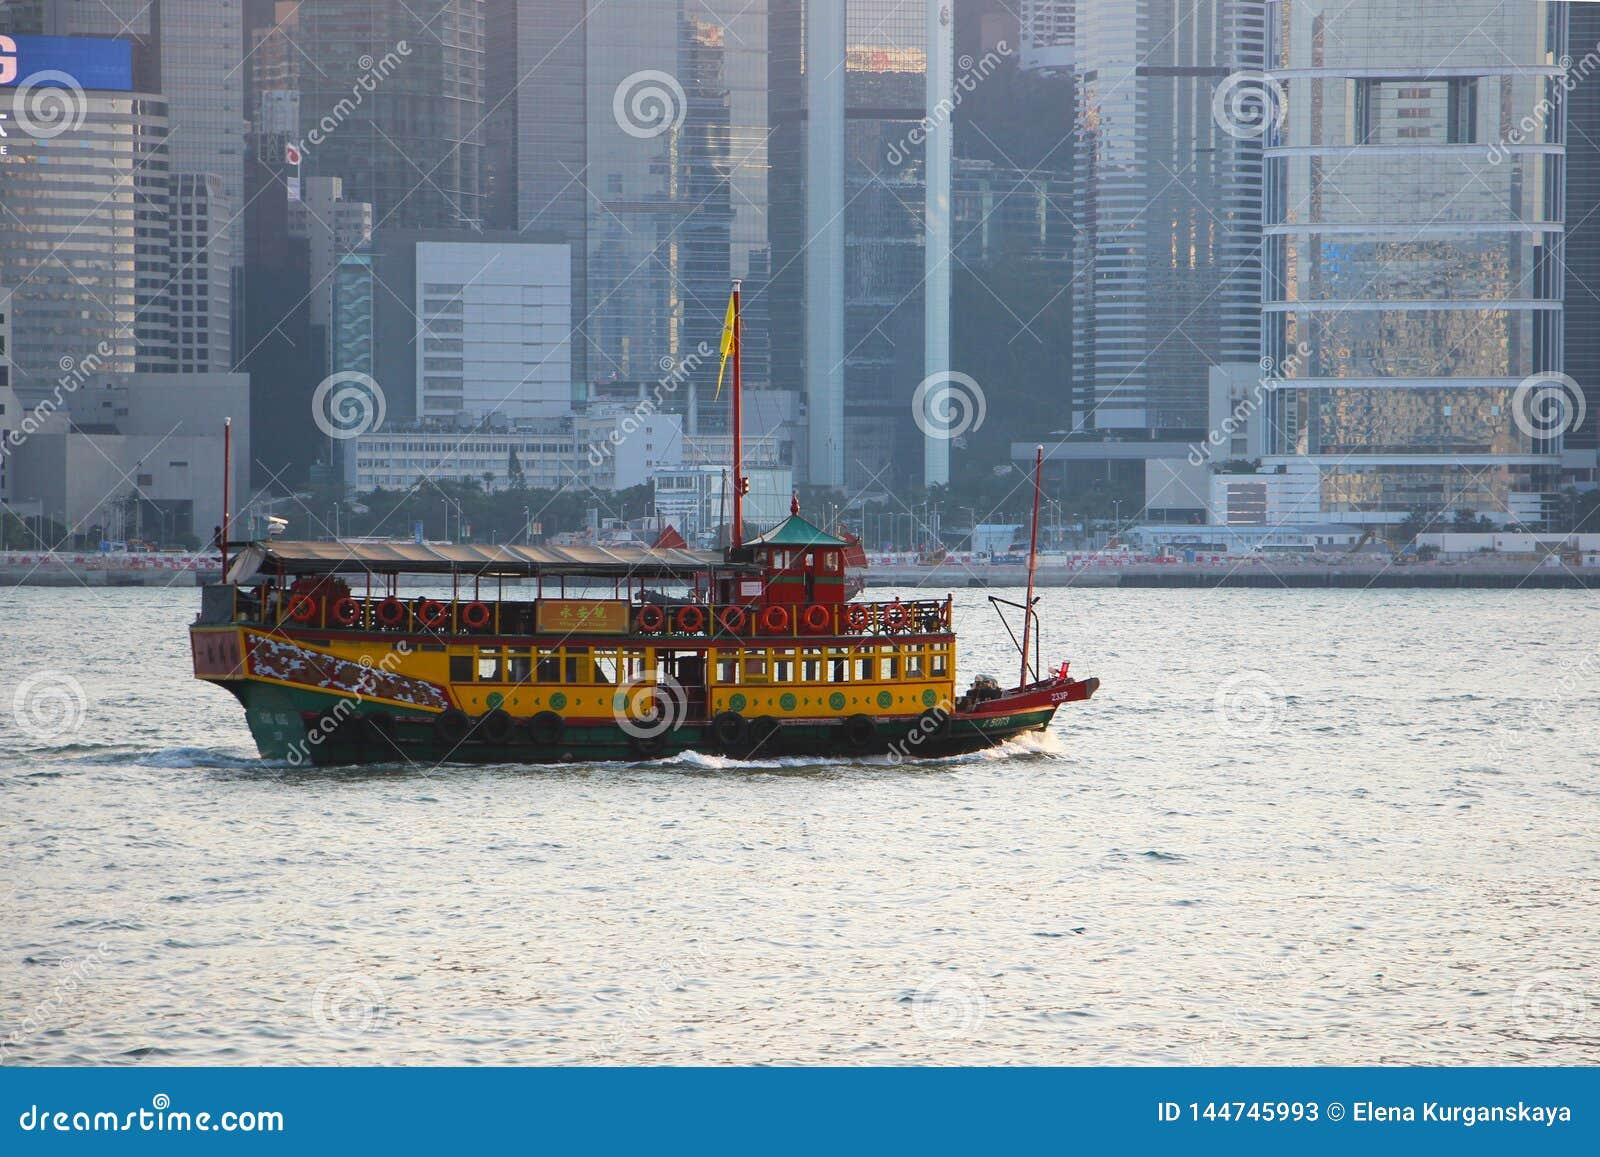 Les voiles de ferry sur la mer